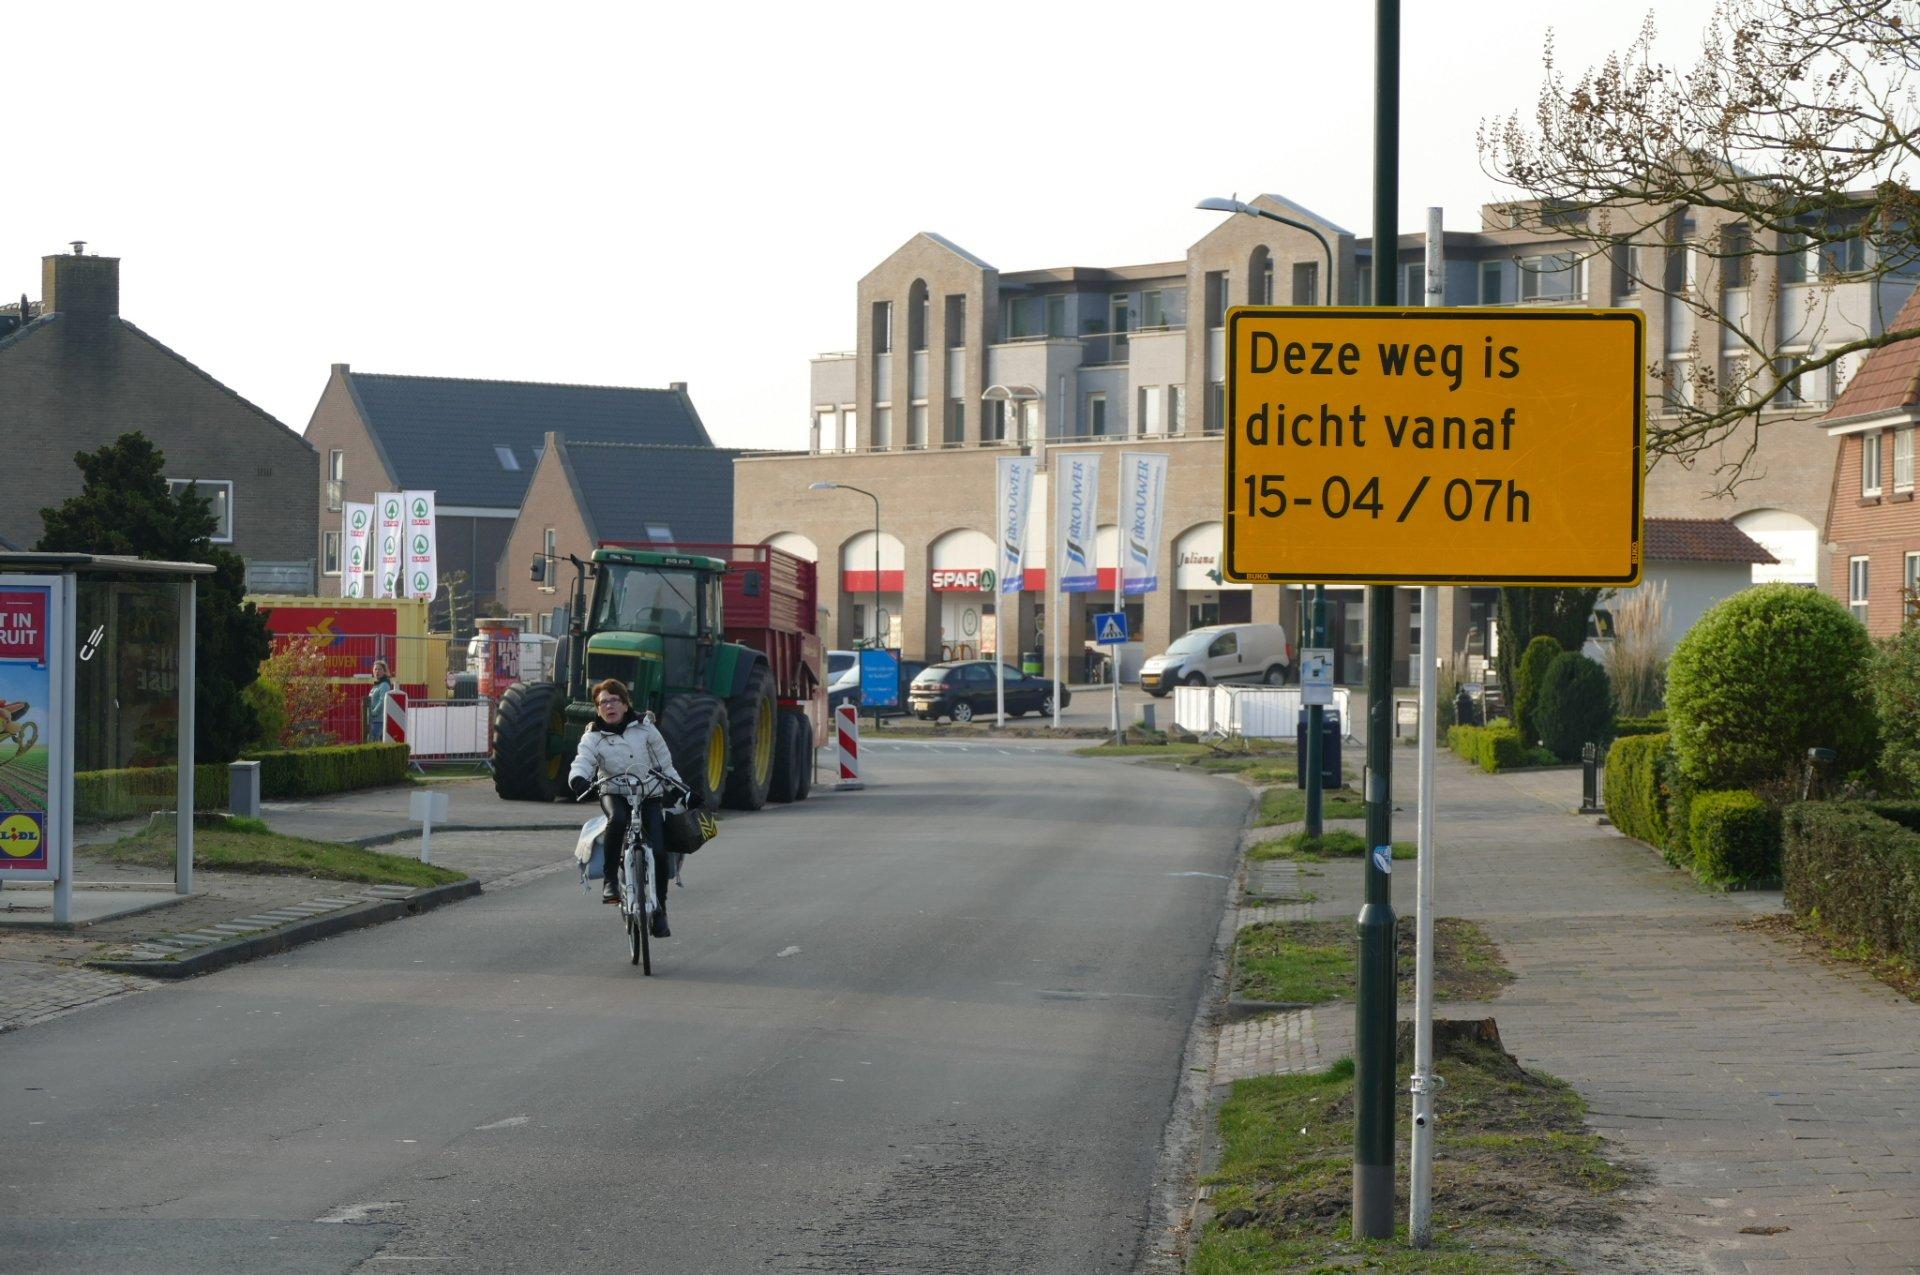 Hessenweg afgesloten: werkzaamheden vertraagd - Snel ...